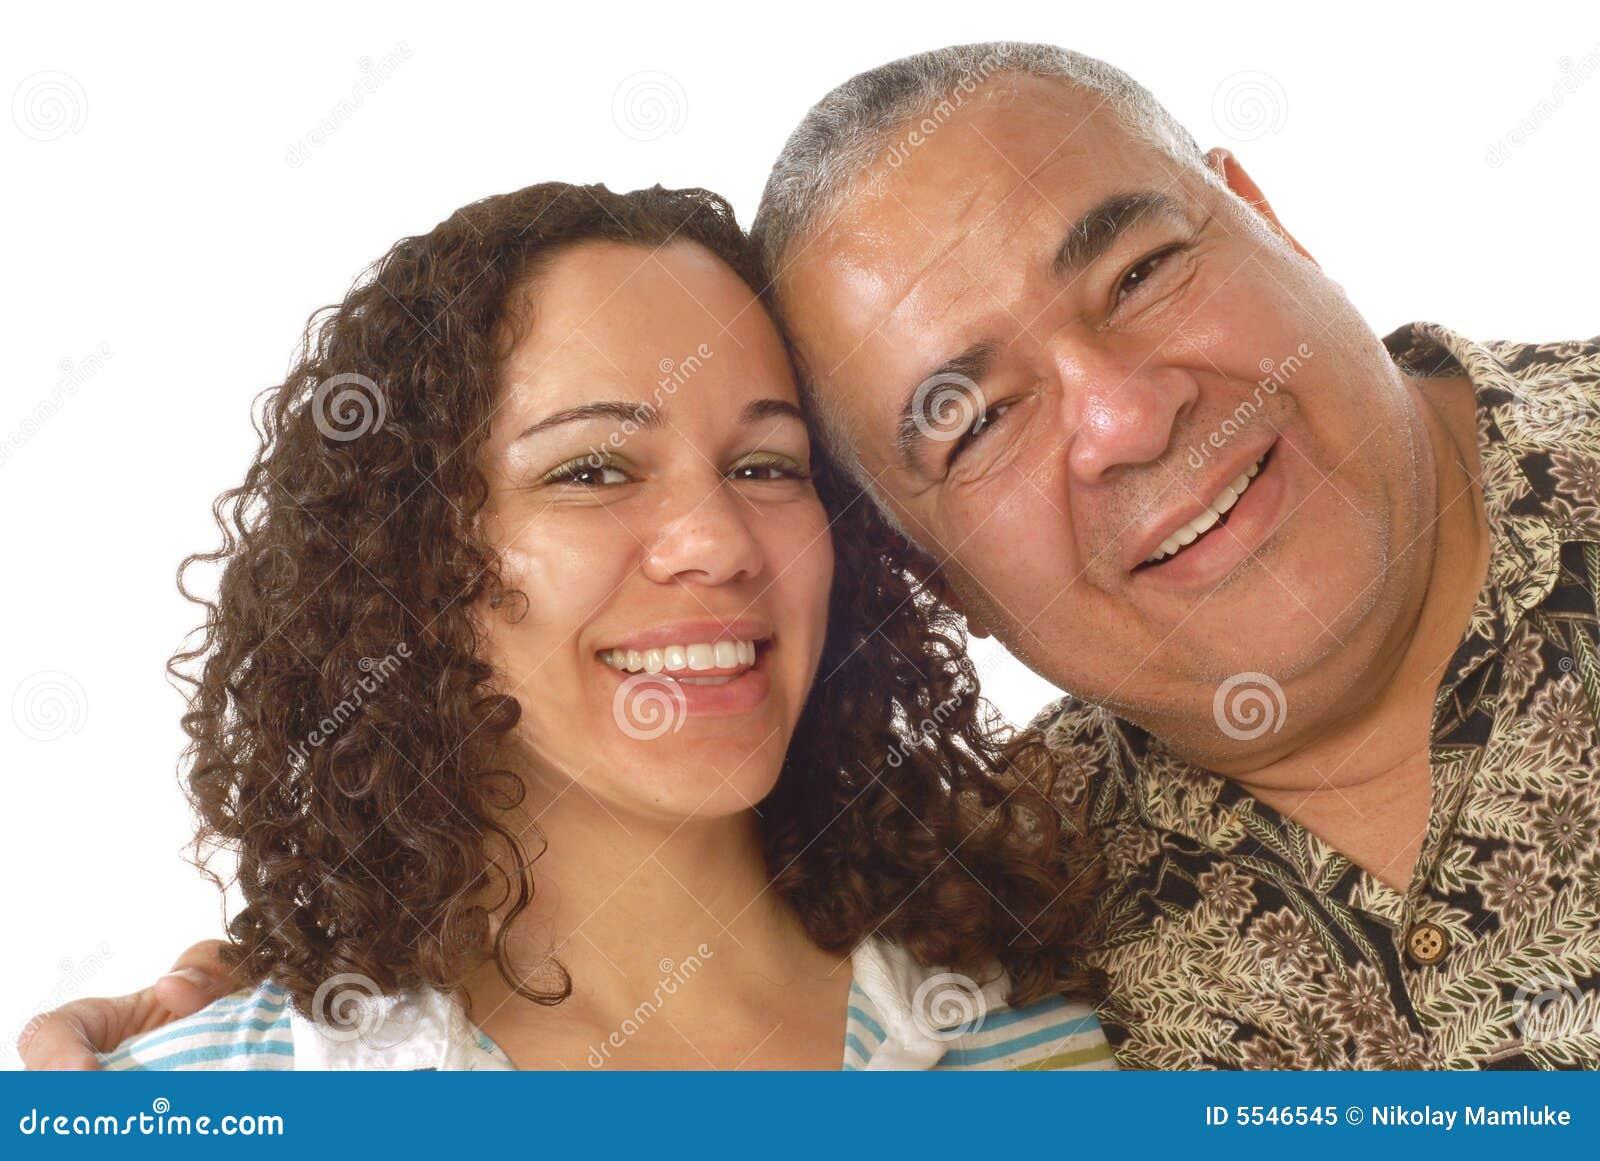 Vati mit seiner Tochter